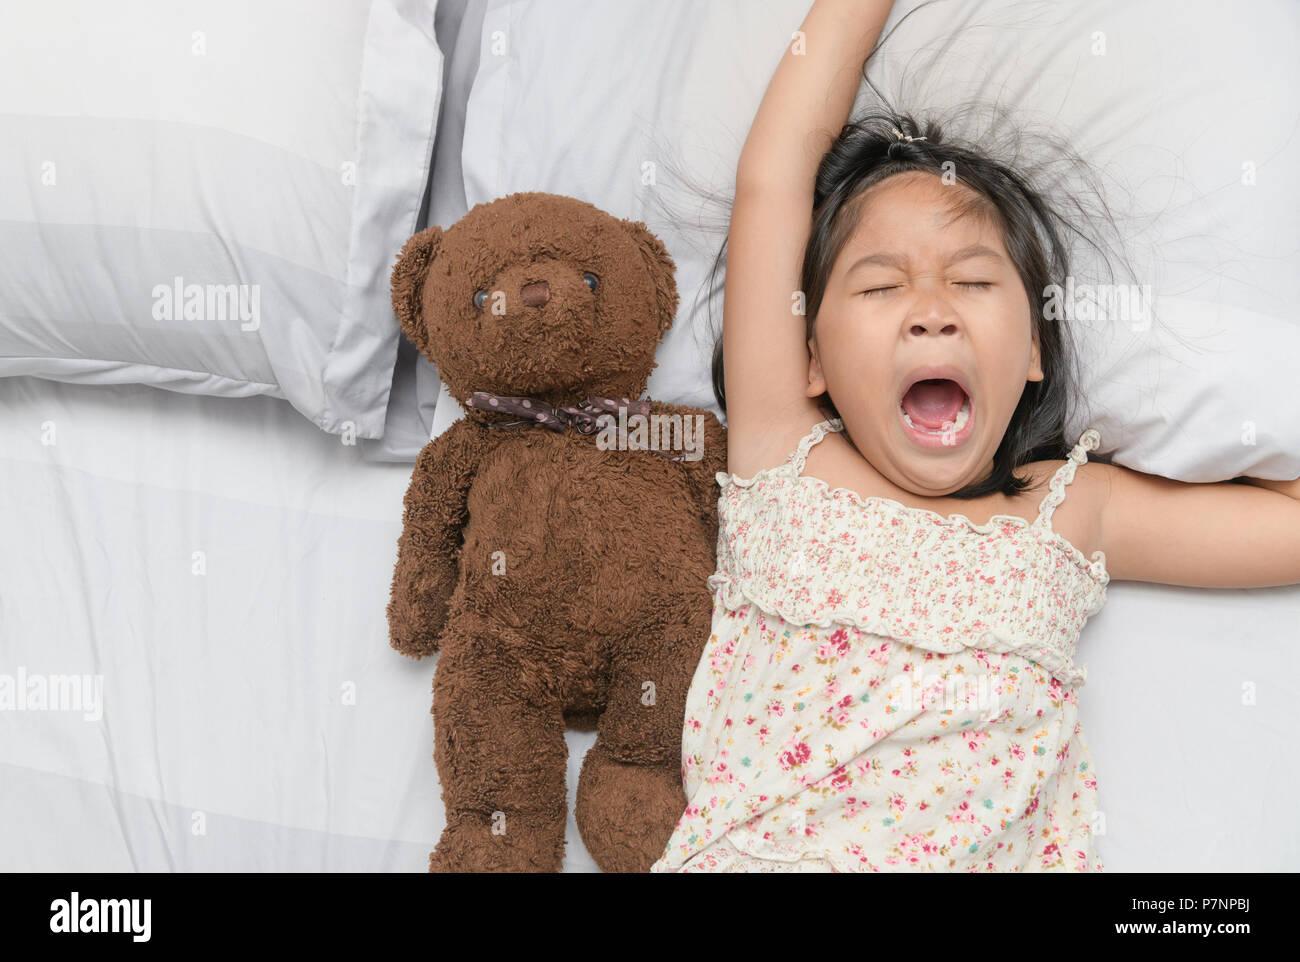 Petite fille bailler et dormir sur le lit avec teddy bear doll, soins de santé et de détente concept Photo Stock